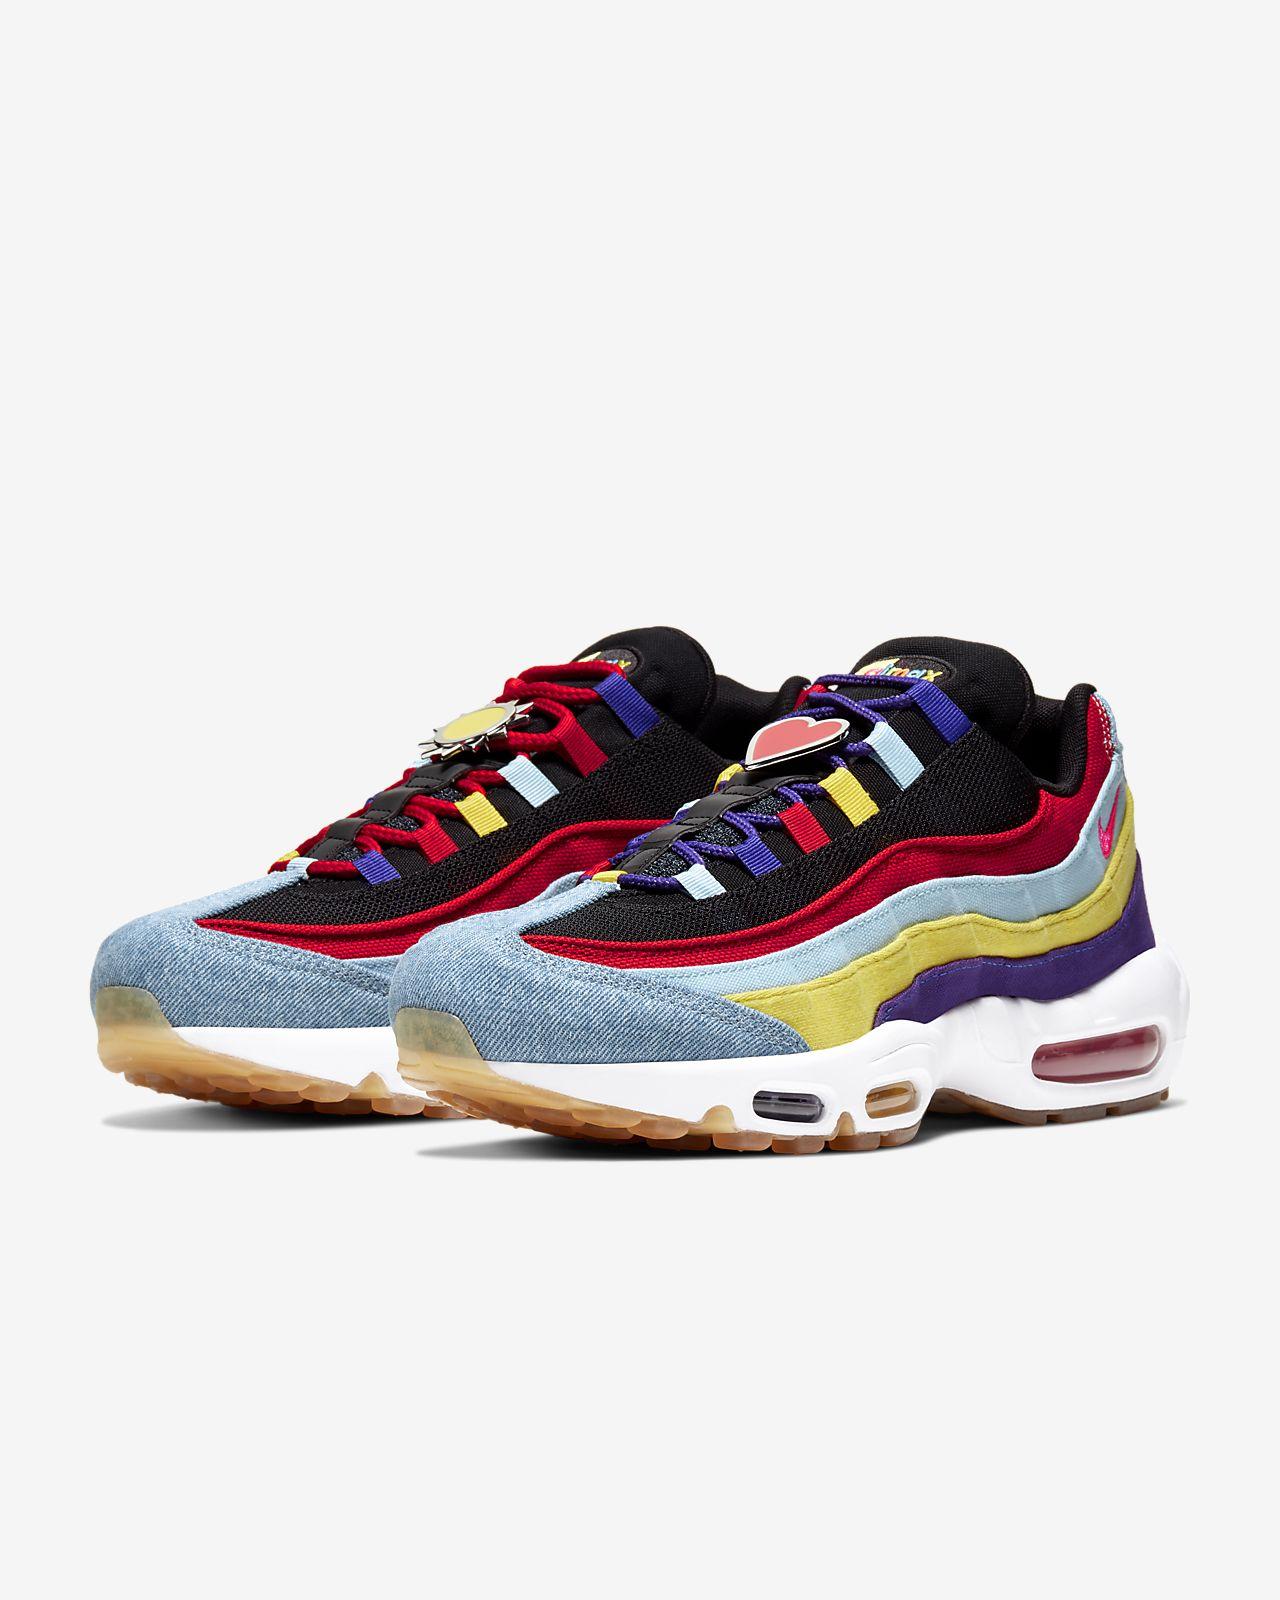 Nike Air Max 95 SP Men's Shoe